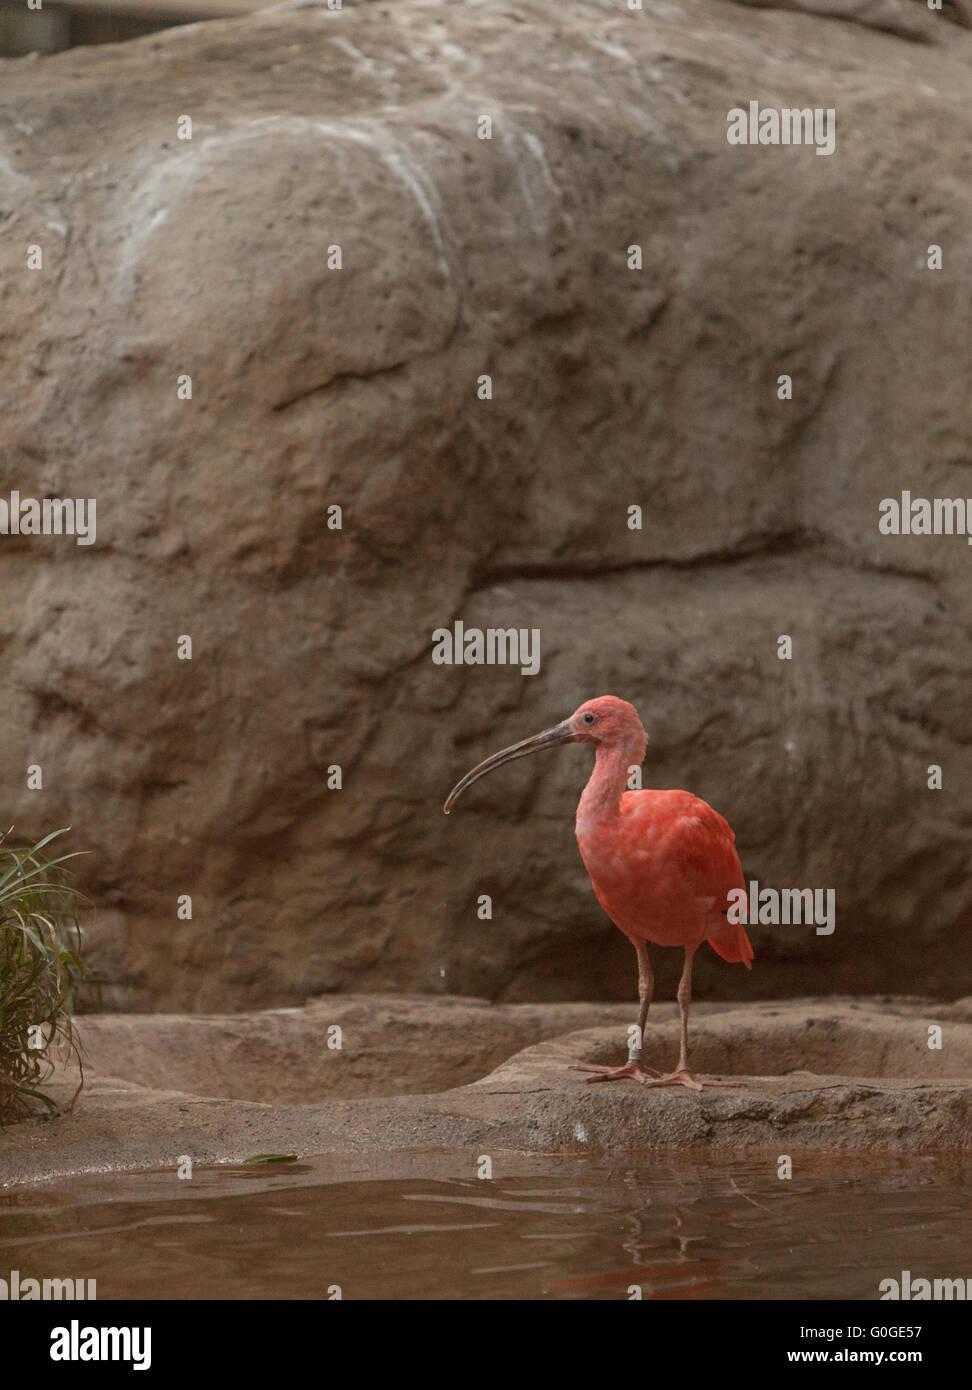 Scarlet ibis - Stock Image